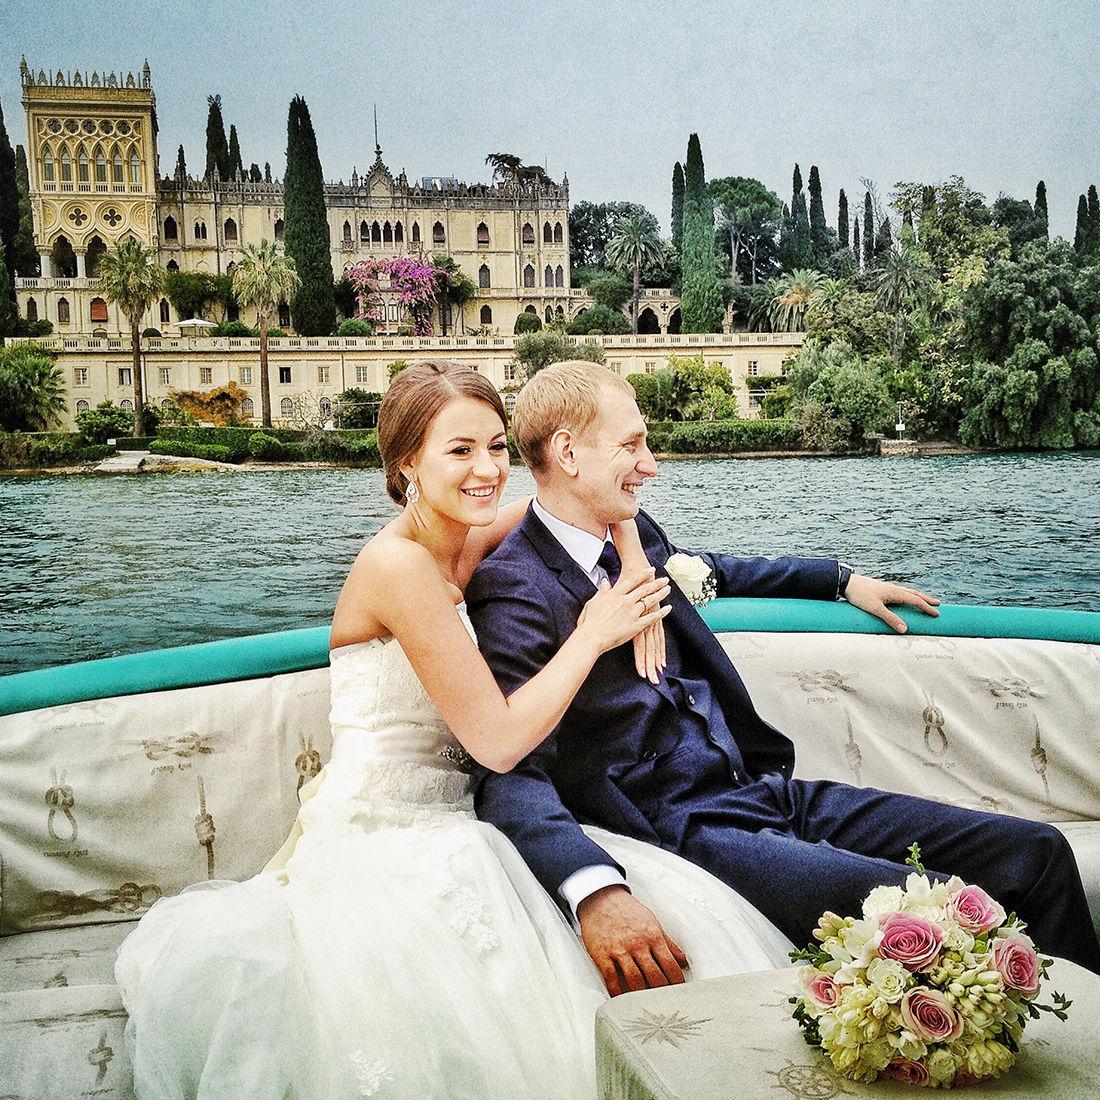 Matrimonio In Barca : Sposine il della sposa un matrimonio in barca sul lago di